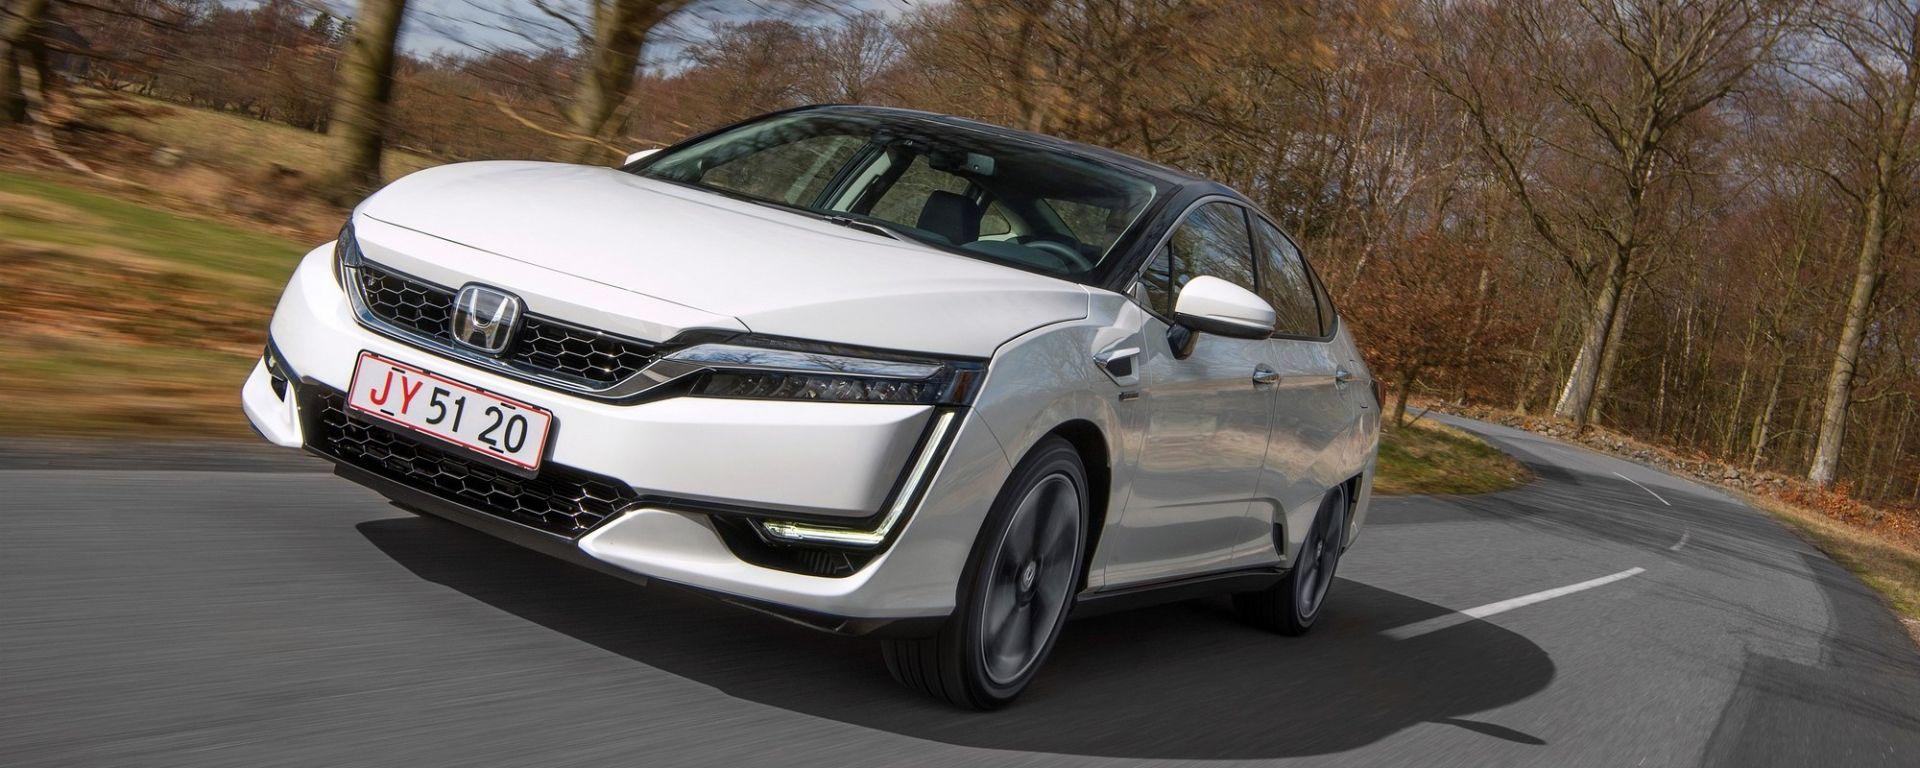 Honda Clarity Fuel Cell: così si guida un'auto a idrogeno (VIDEO)